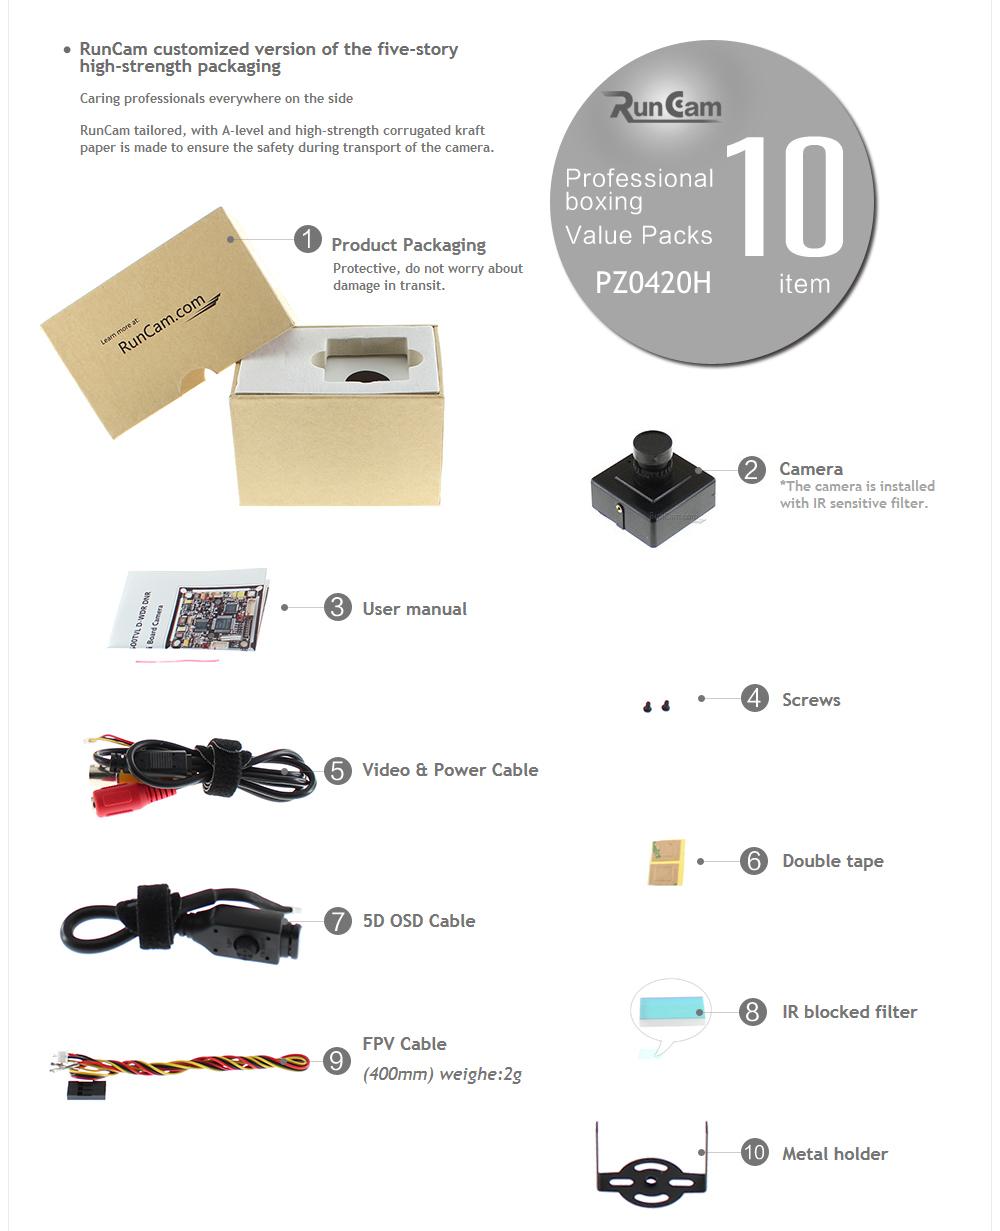 RunCam, Product Packaging